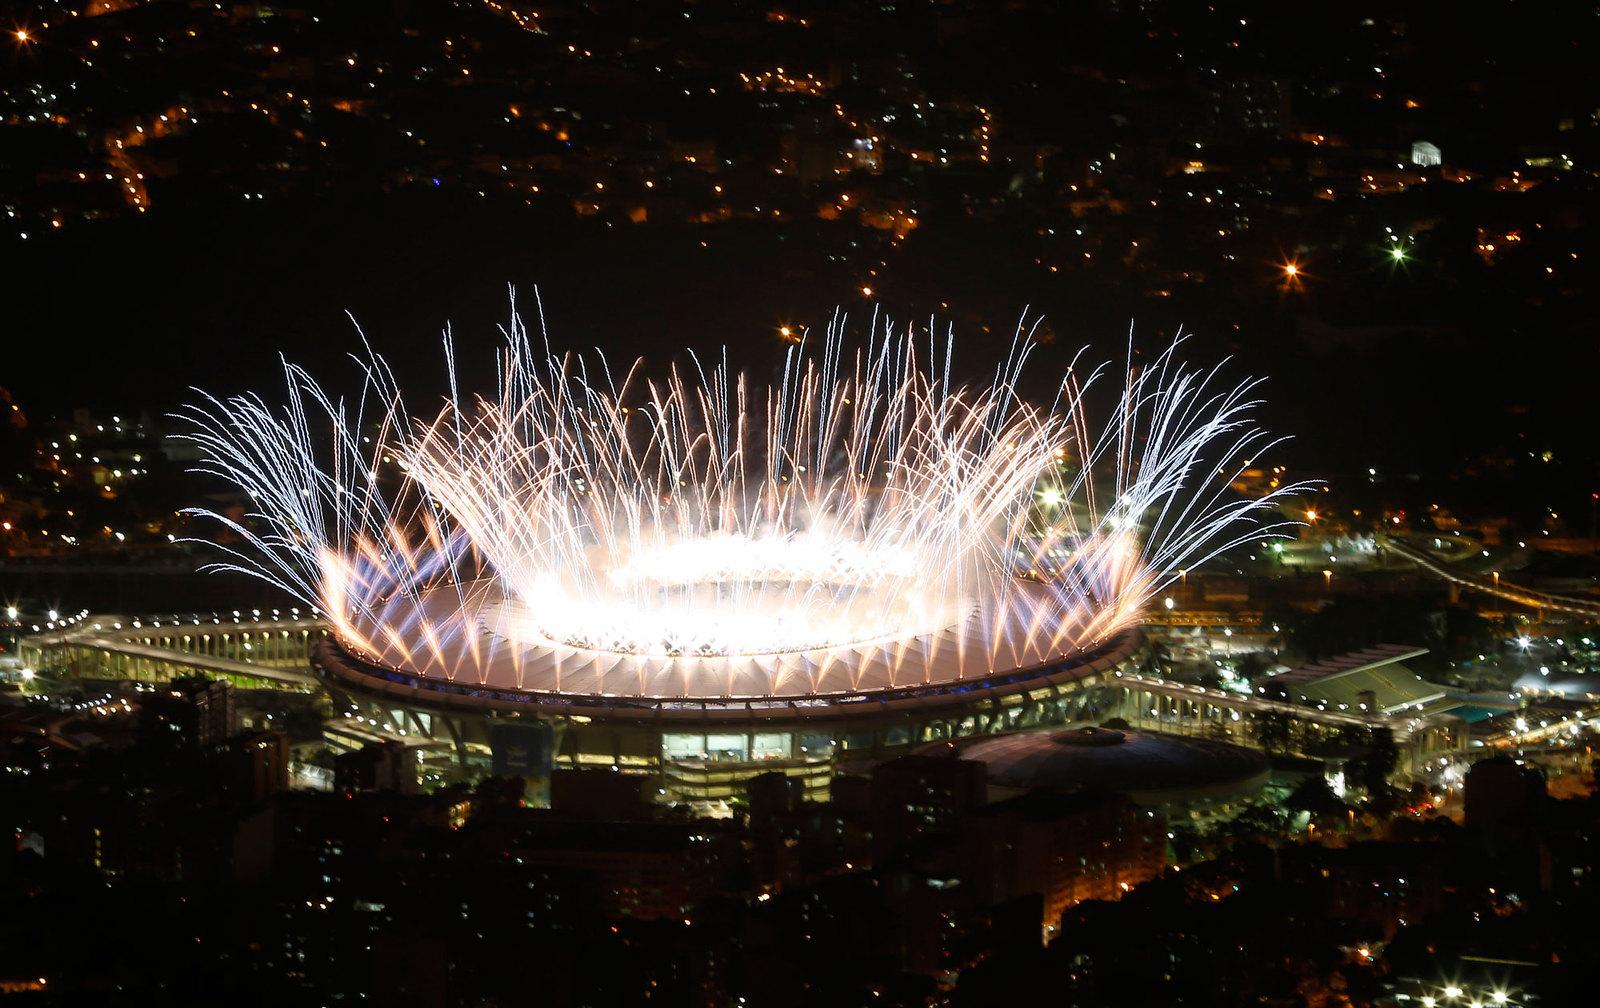 Праздничный фейерверк на церемонии открытия олимпийских игр